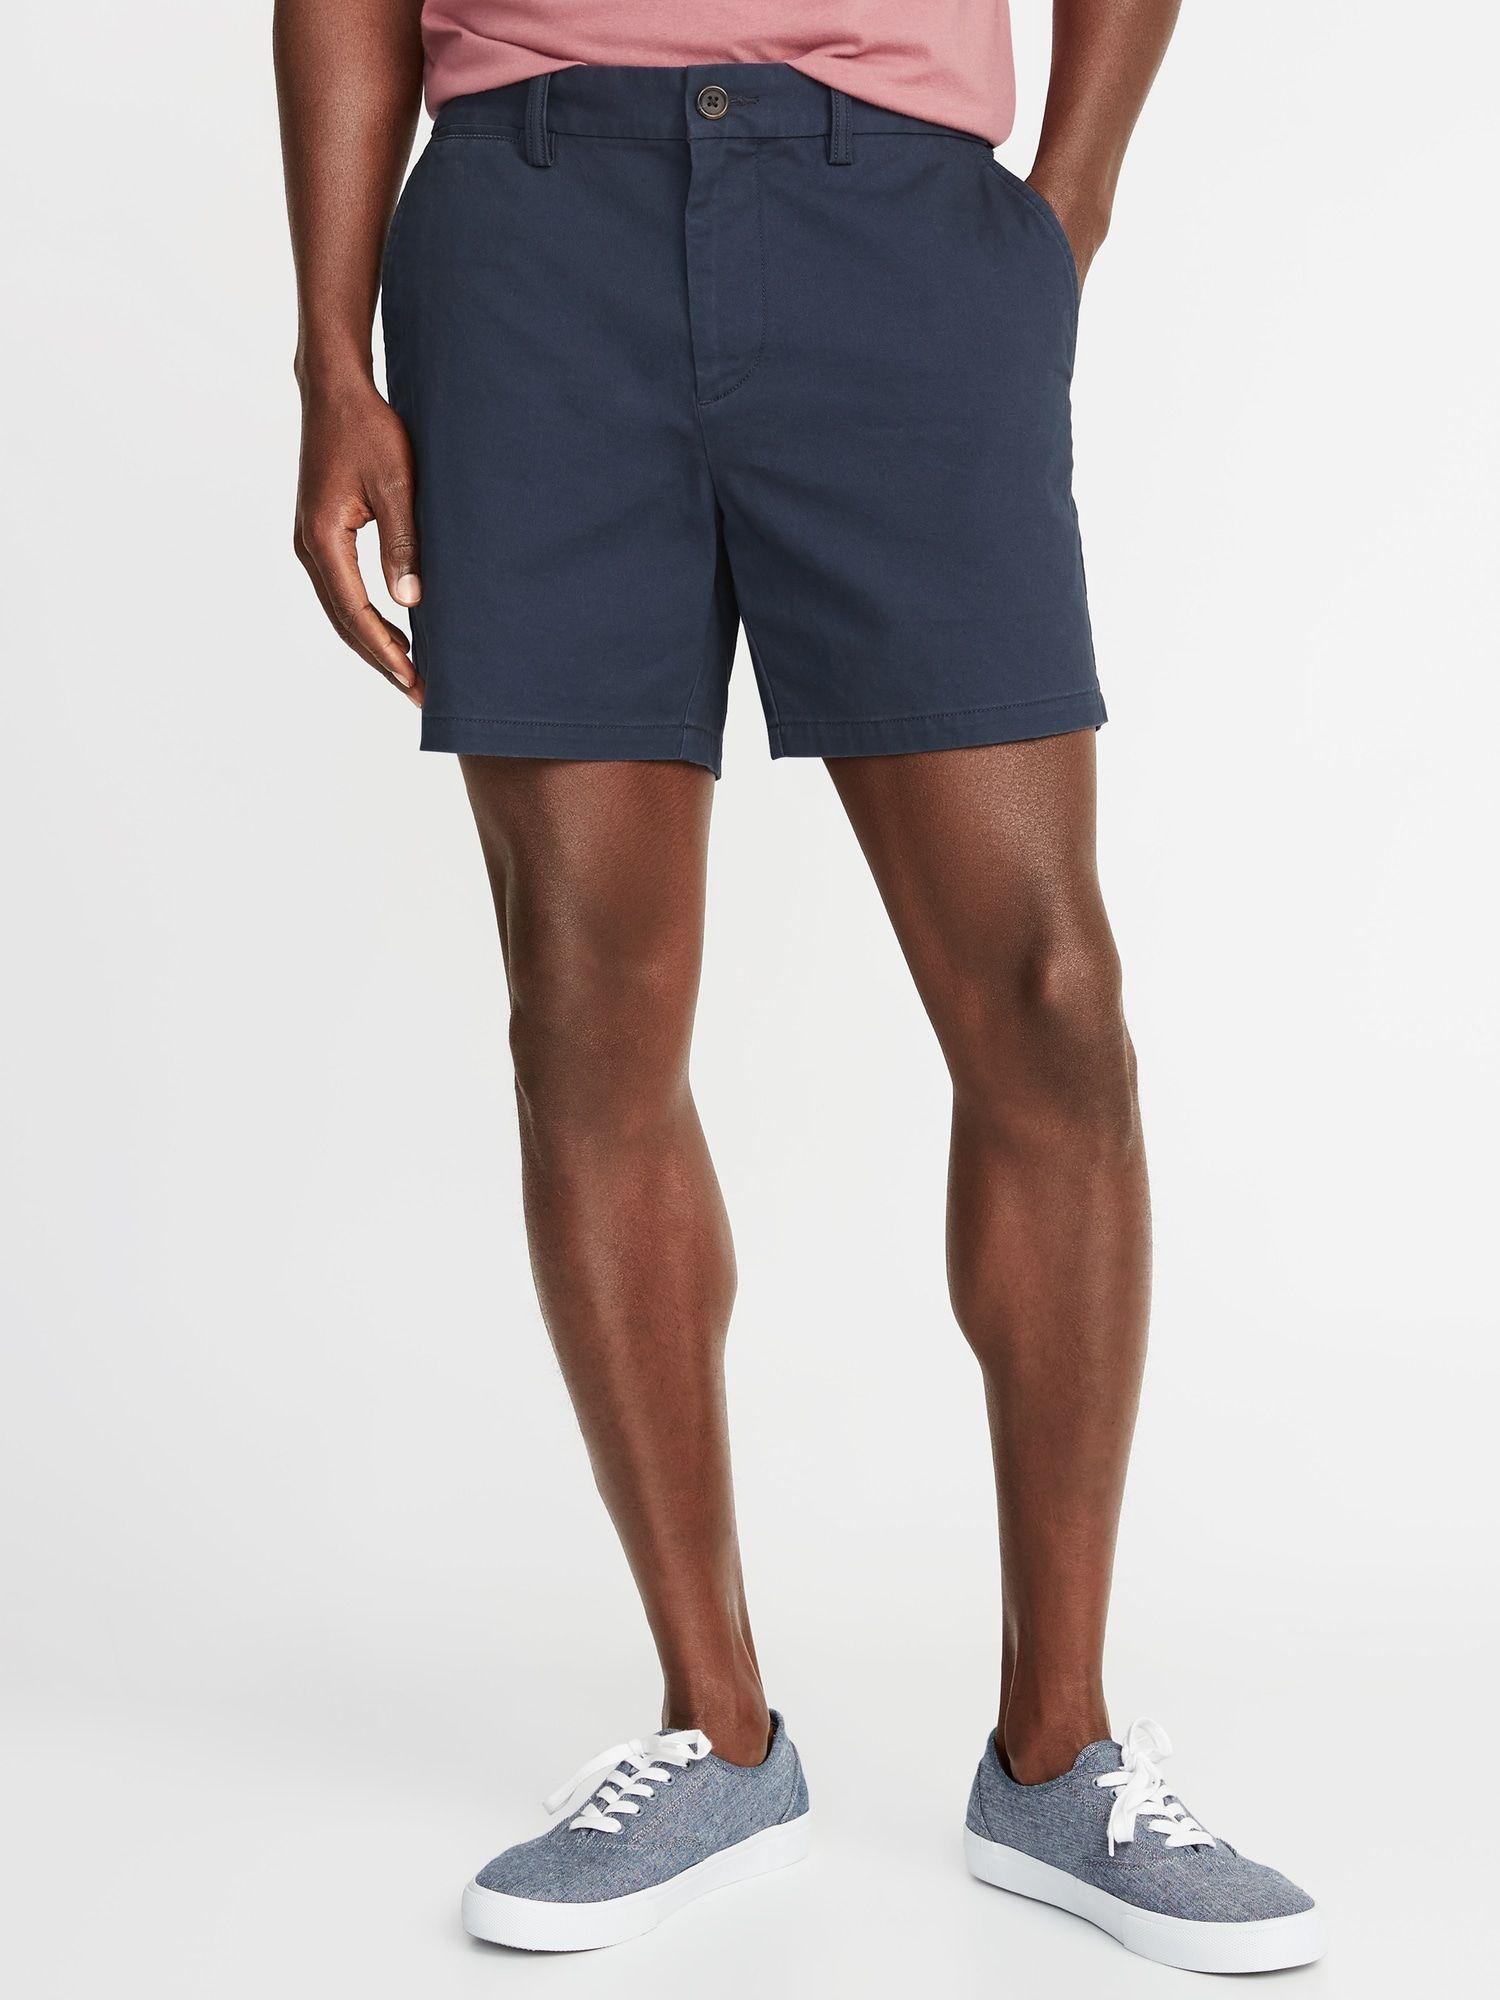 men's 6 inch inseam shorts